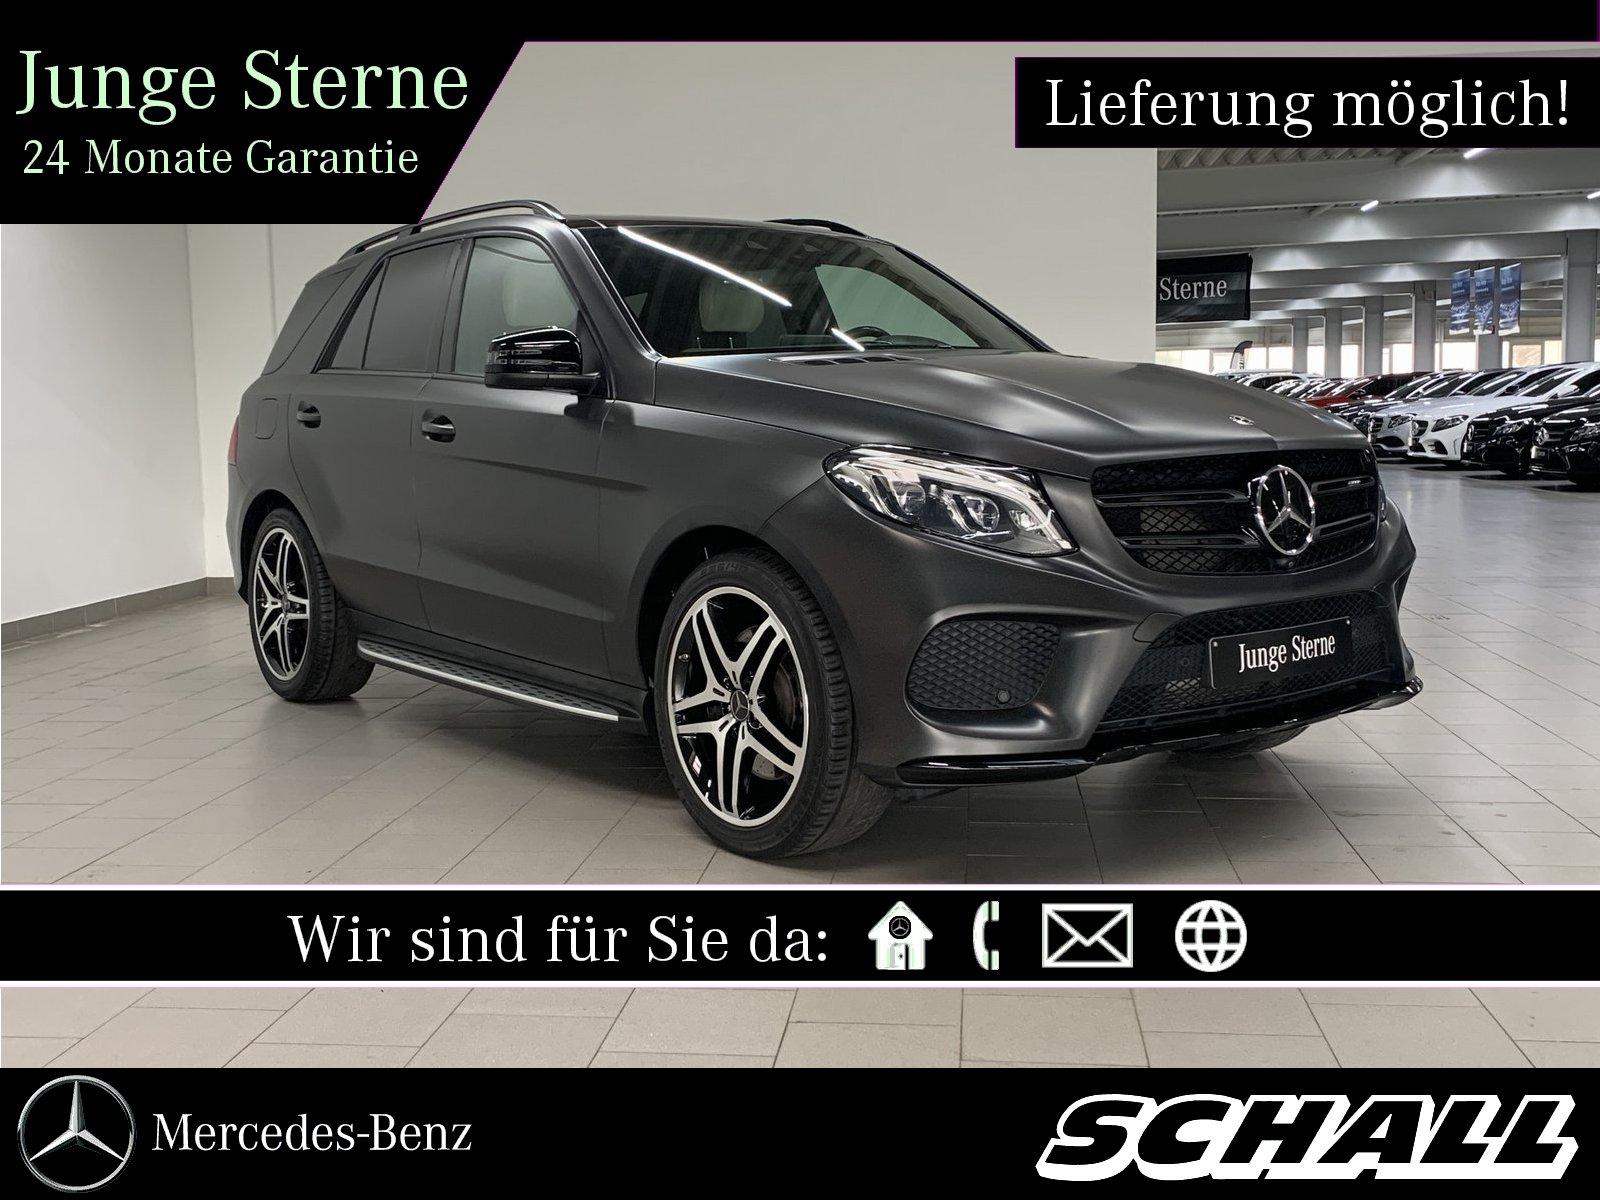 """Mercedes-Benz GLE 43 AMG 4M PANO+DISTR+AHK+21""""AMG+DESIGNO+AIR, Jahr 2017, petrol"""